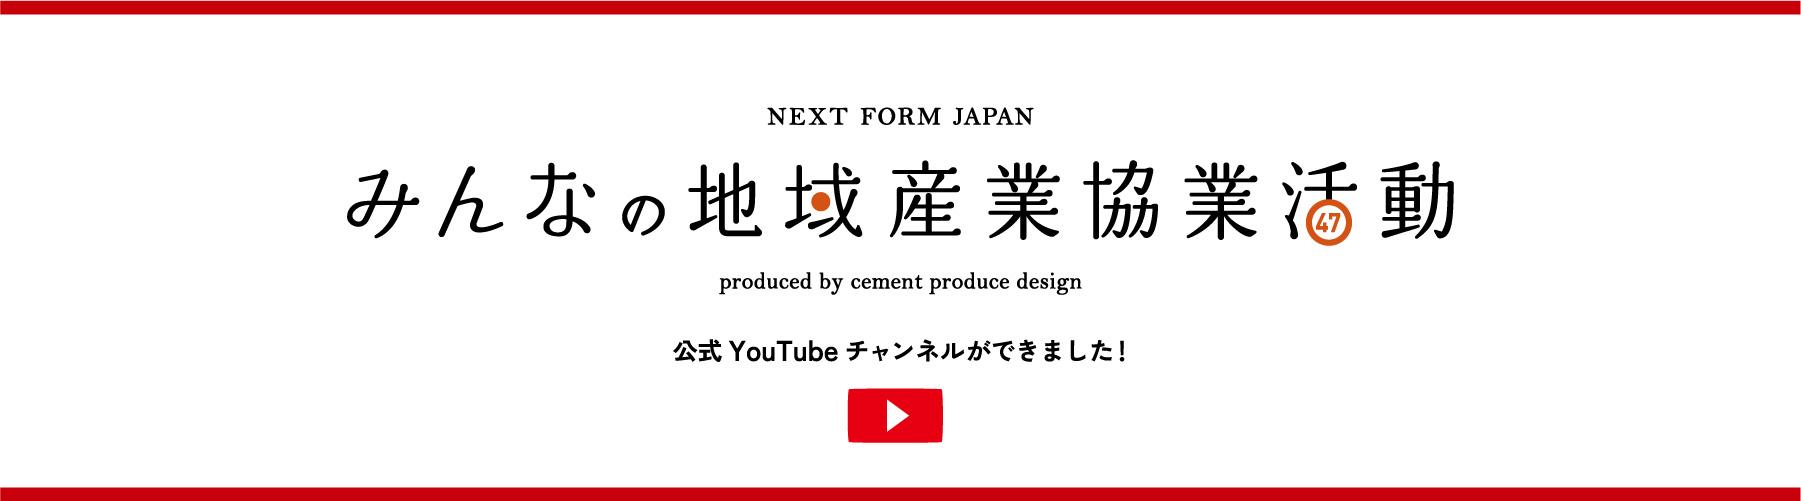 みんなの地域産業協業活動YouTubeチャンネル